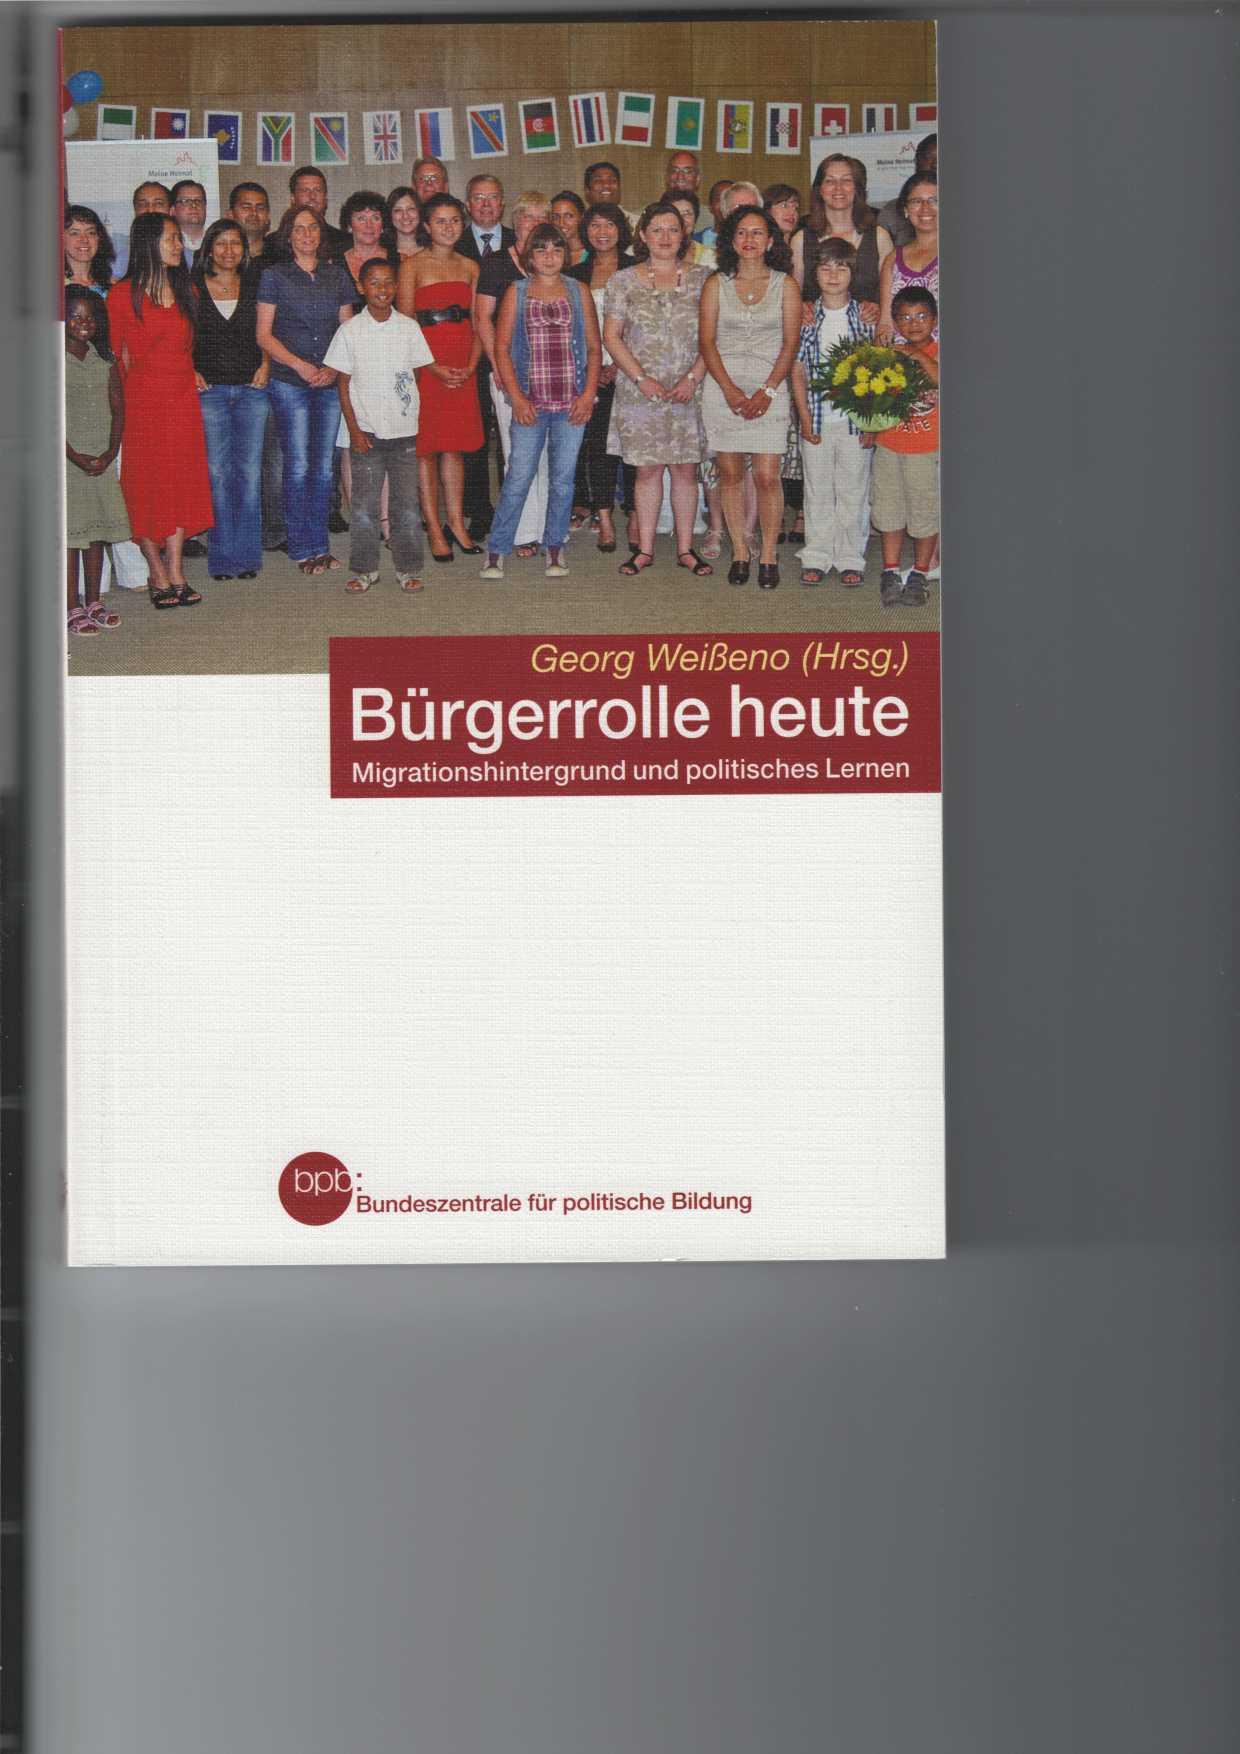 Bürgerrolle heite. Migrationshintergrund und politisches Lernen. Schriftenreihe Band 1050,